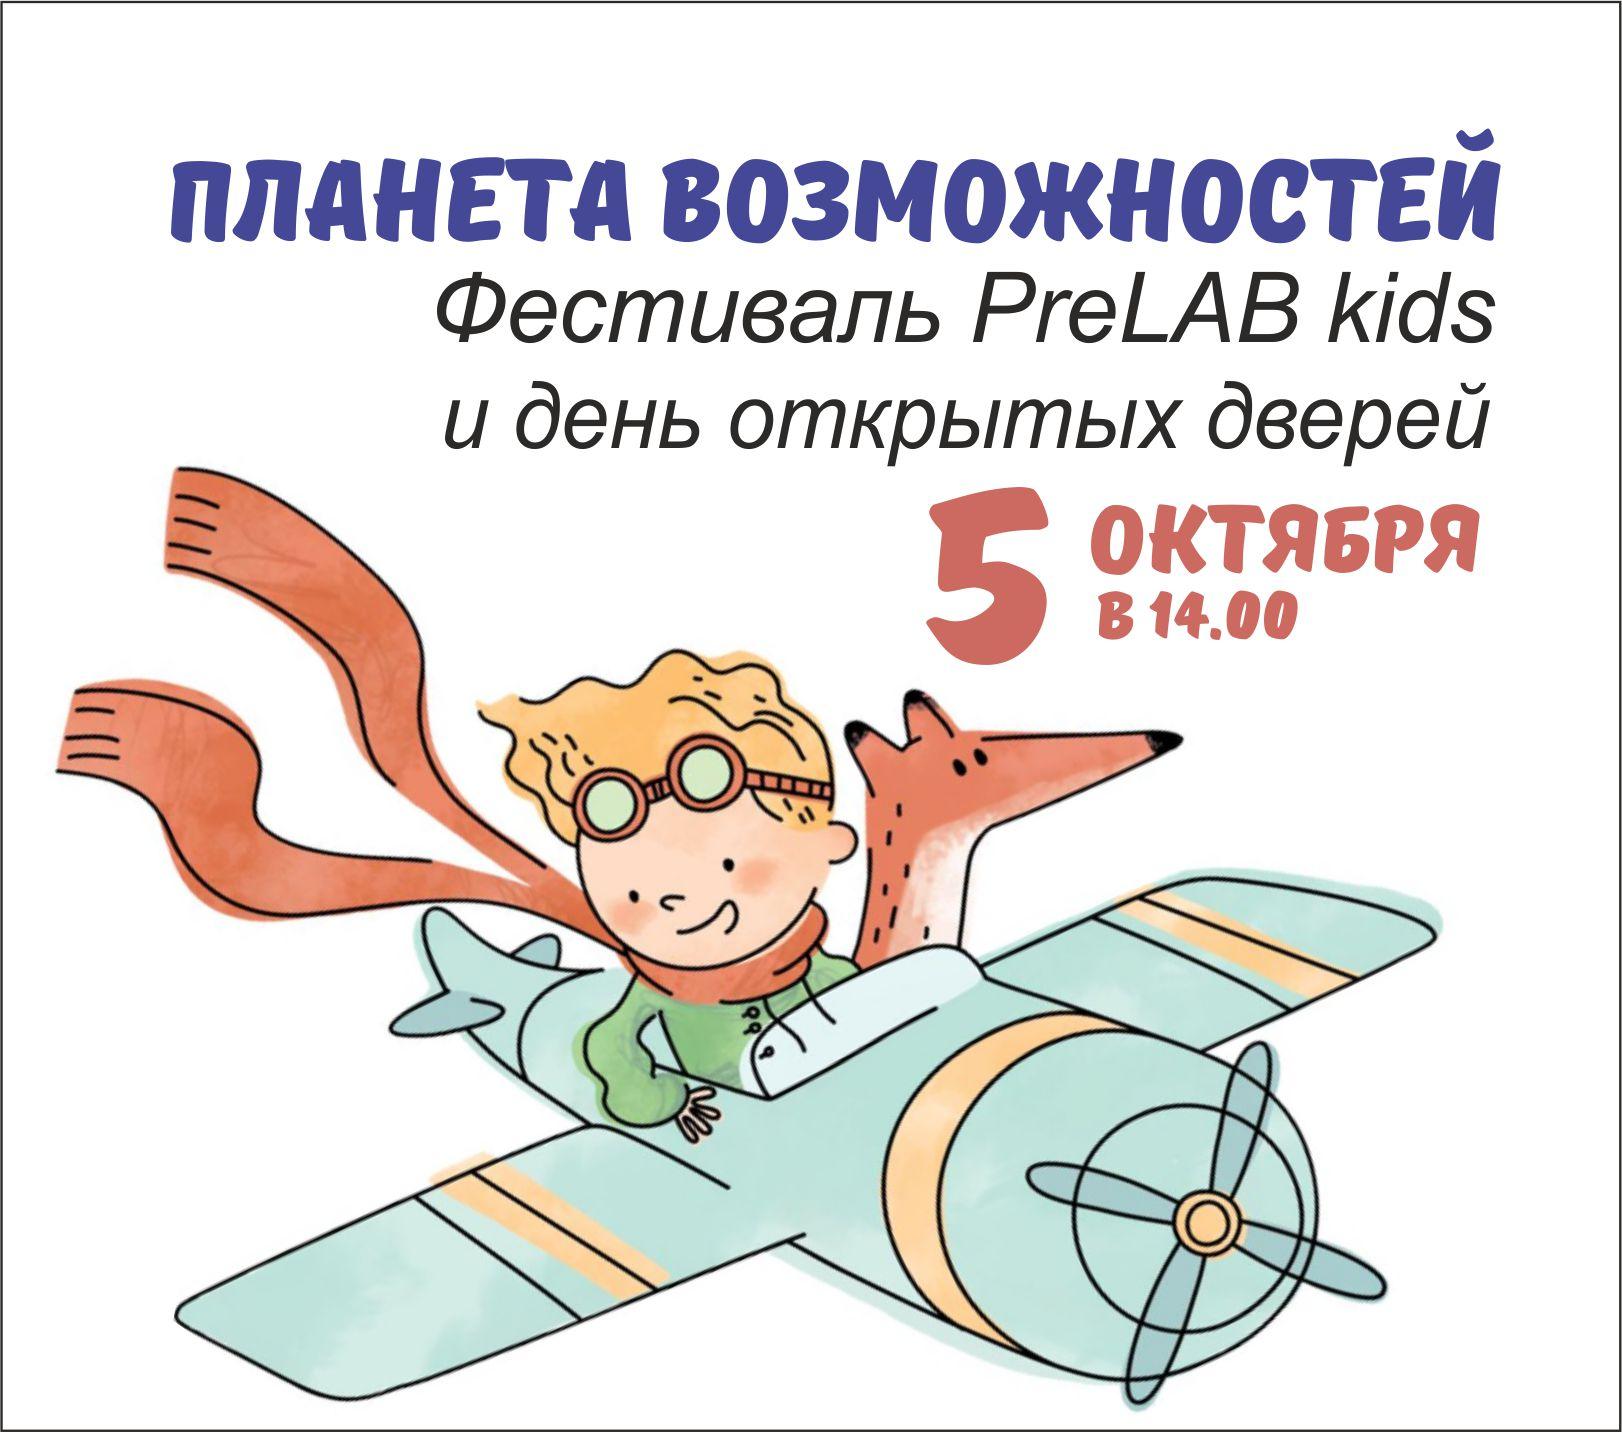 Приглашаем на фестиваль PreLAB kids ПЛАНЕТА ВОЗМОЖНОСТЕЙ в ТК ЭКОПОЛИС premium